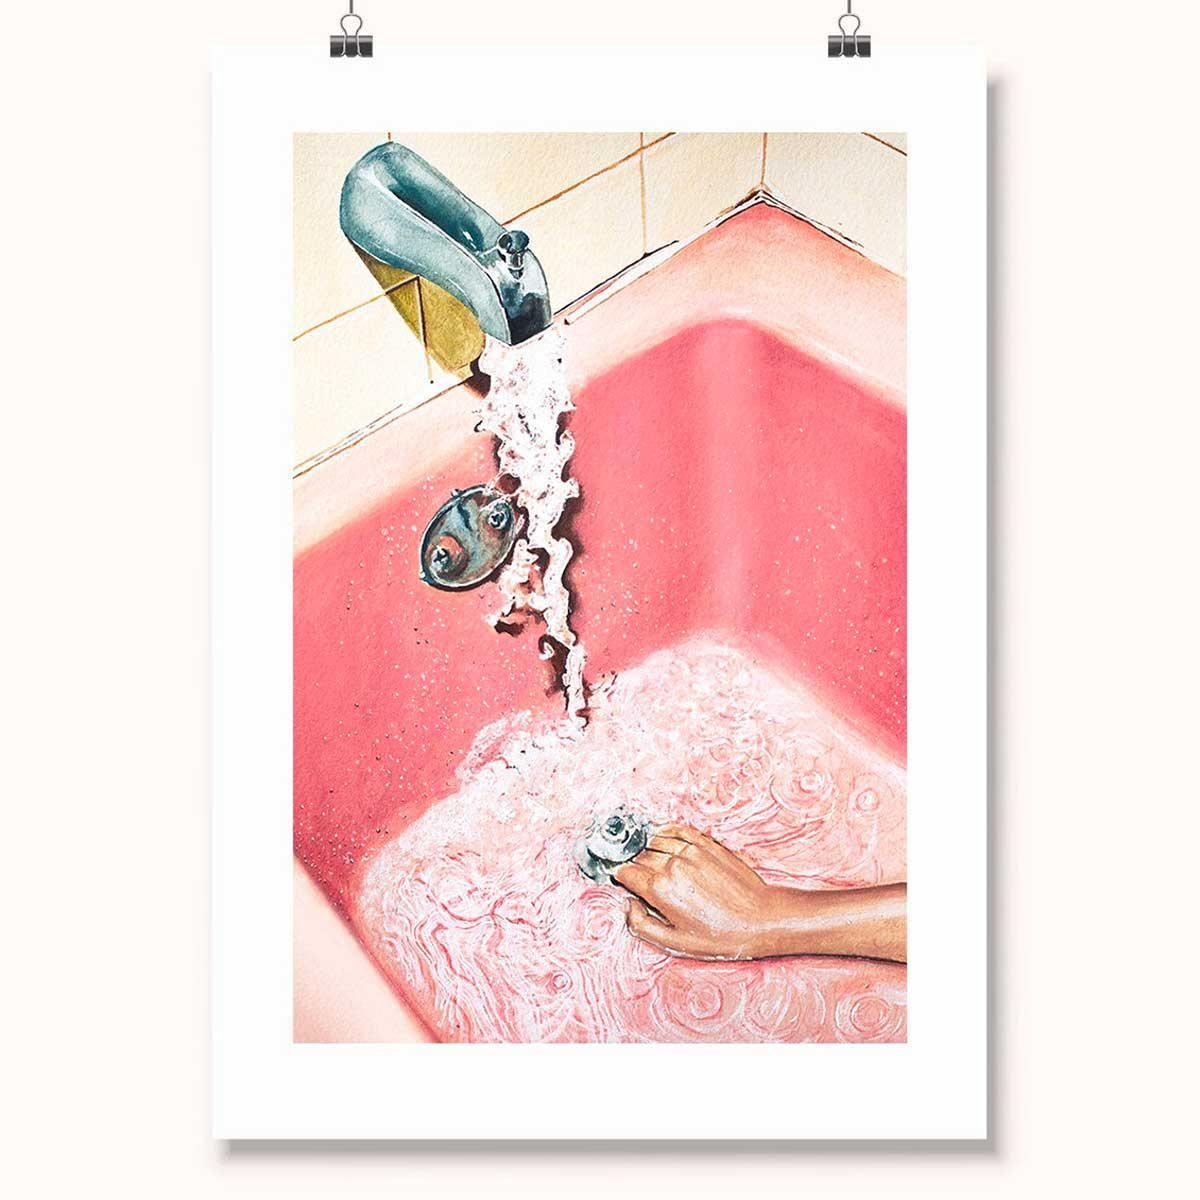 Vintage Pink Bathroom Art Print, Bathroom Art Print